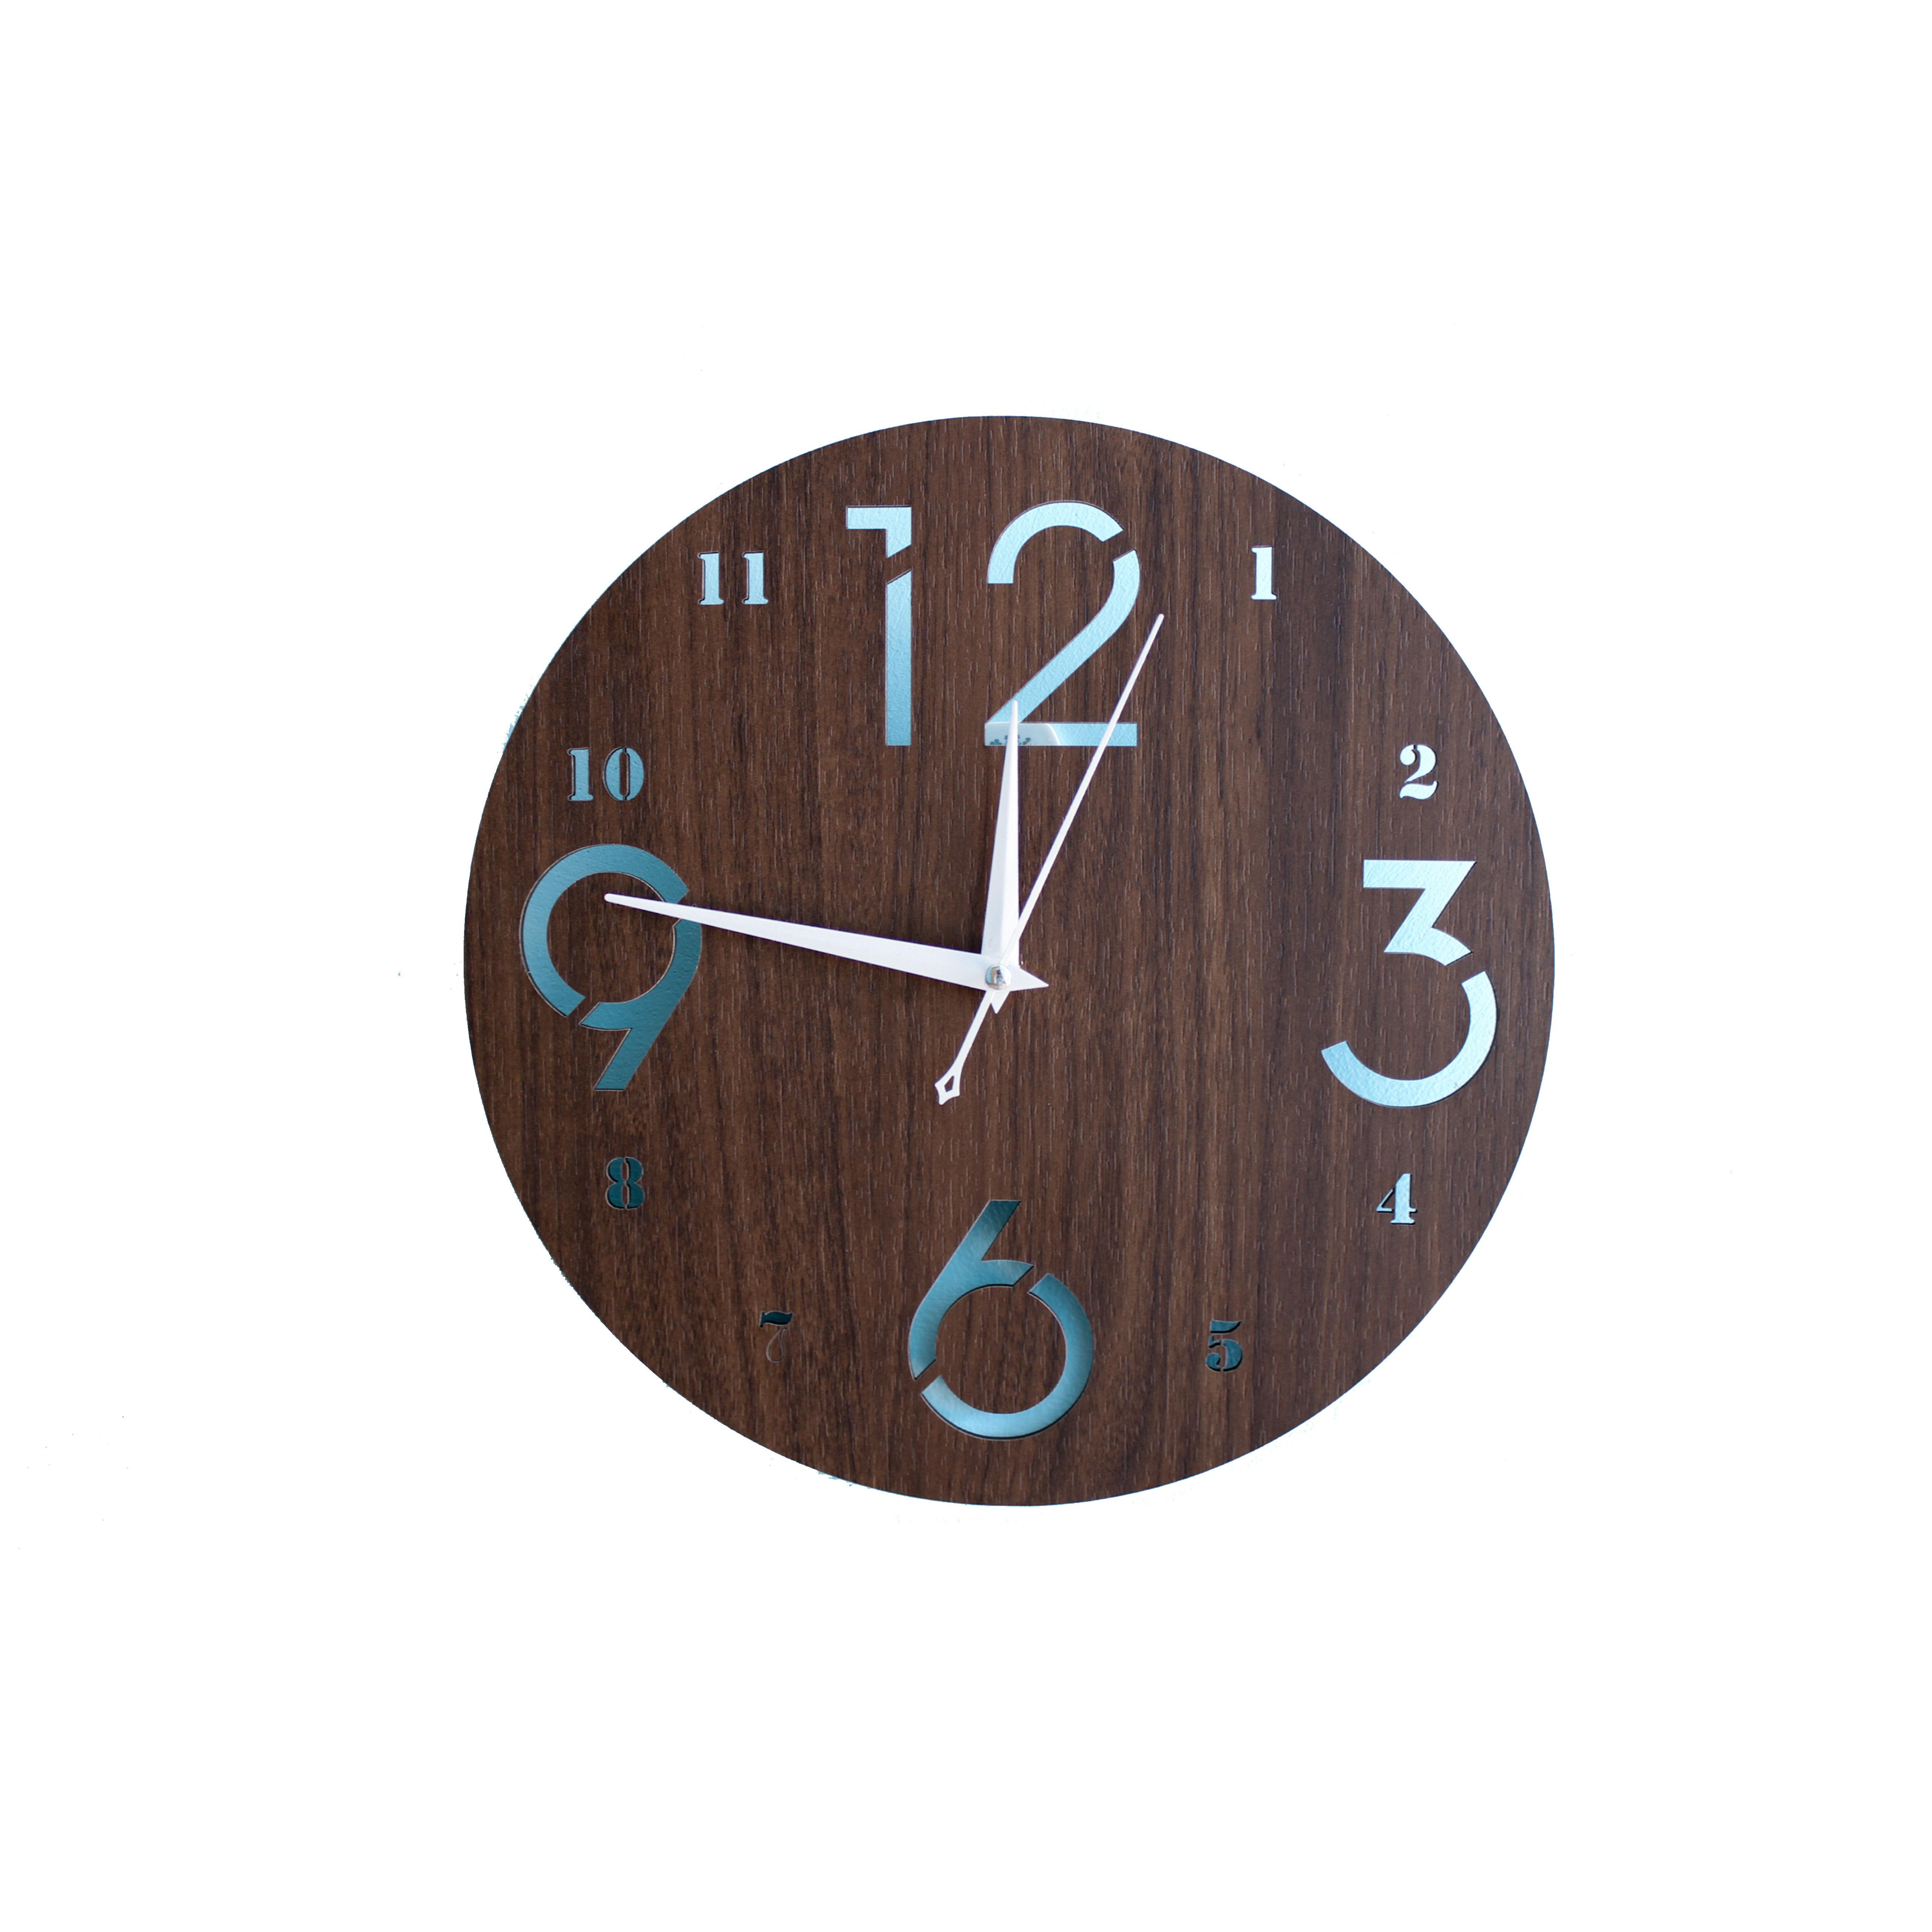 Đồng hồ treo tường mặt gỗ Acescor DHG02- Nội Thất Sang Trọng, Trang Trí Nhà Cửa, Quán Cà Phê, Homestay